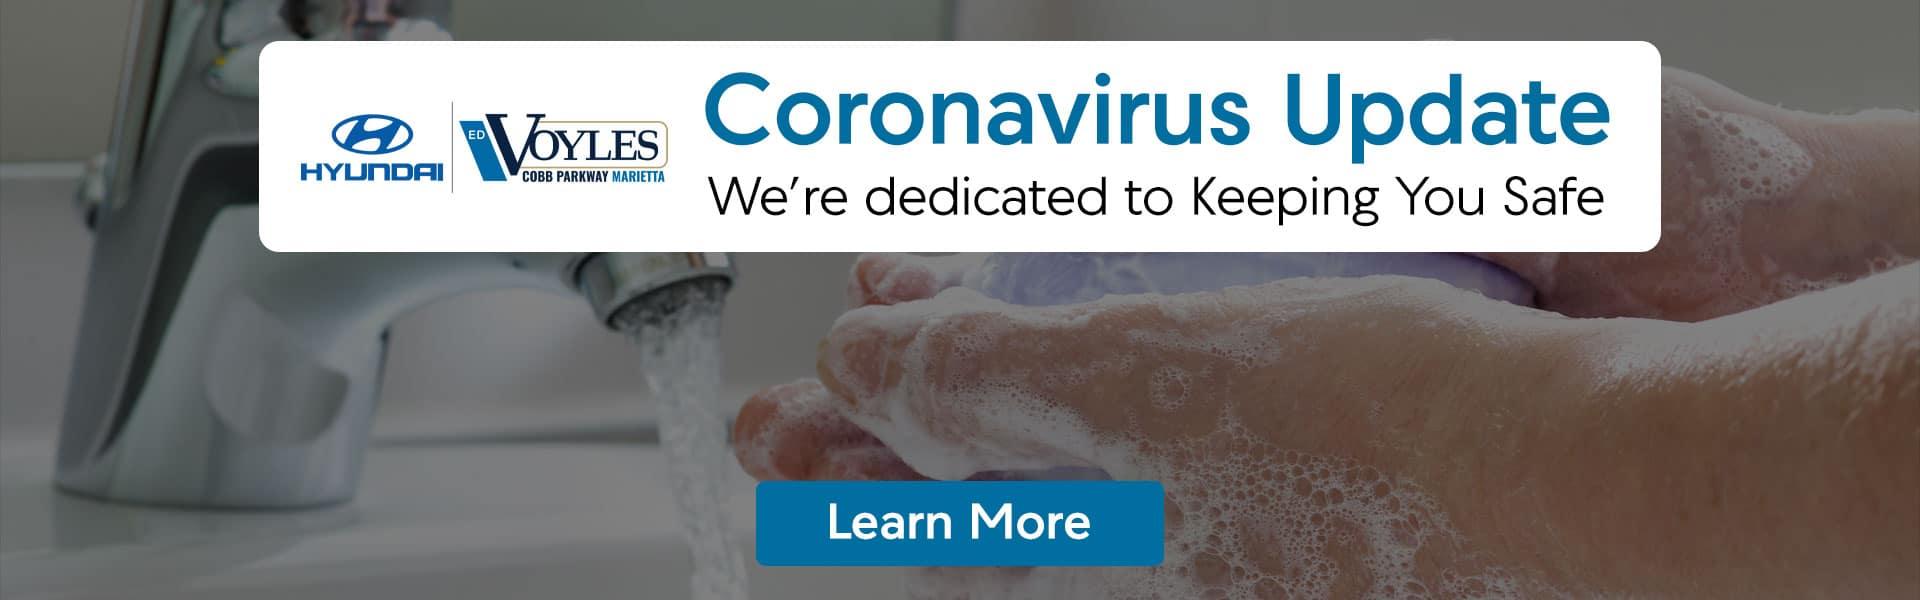 Coronavirus_UpdateHyundai